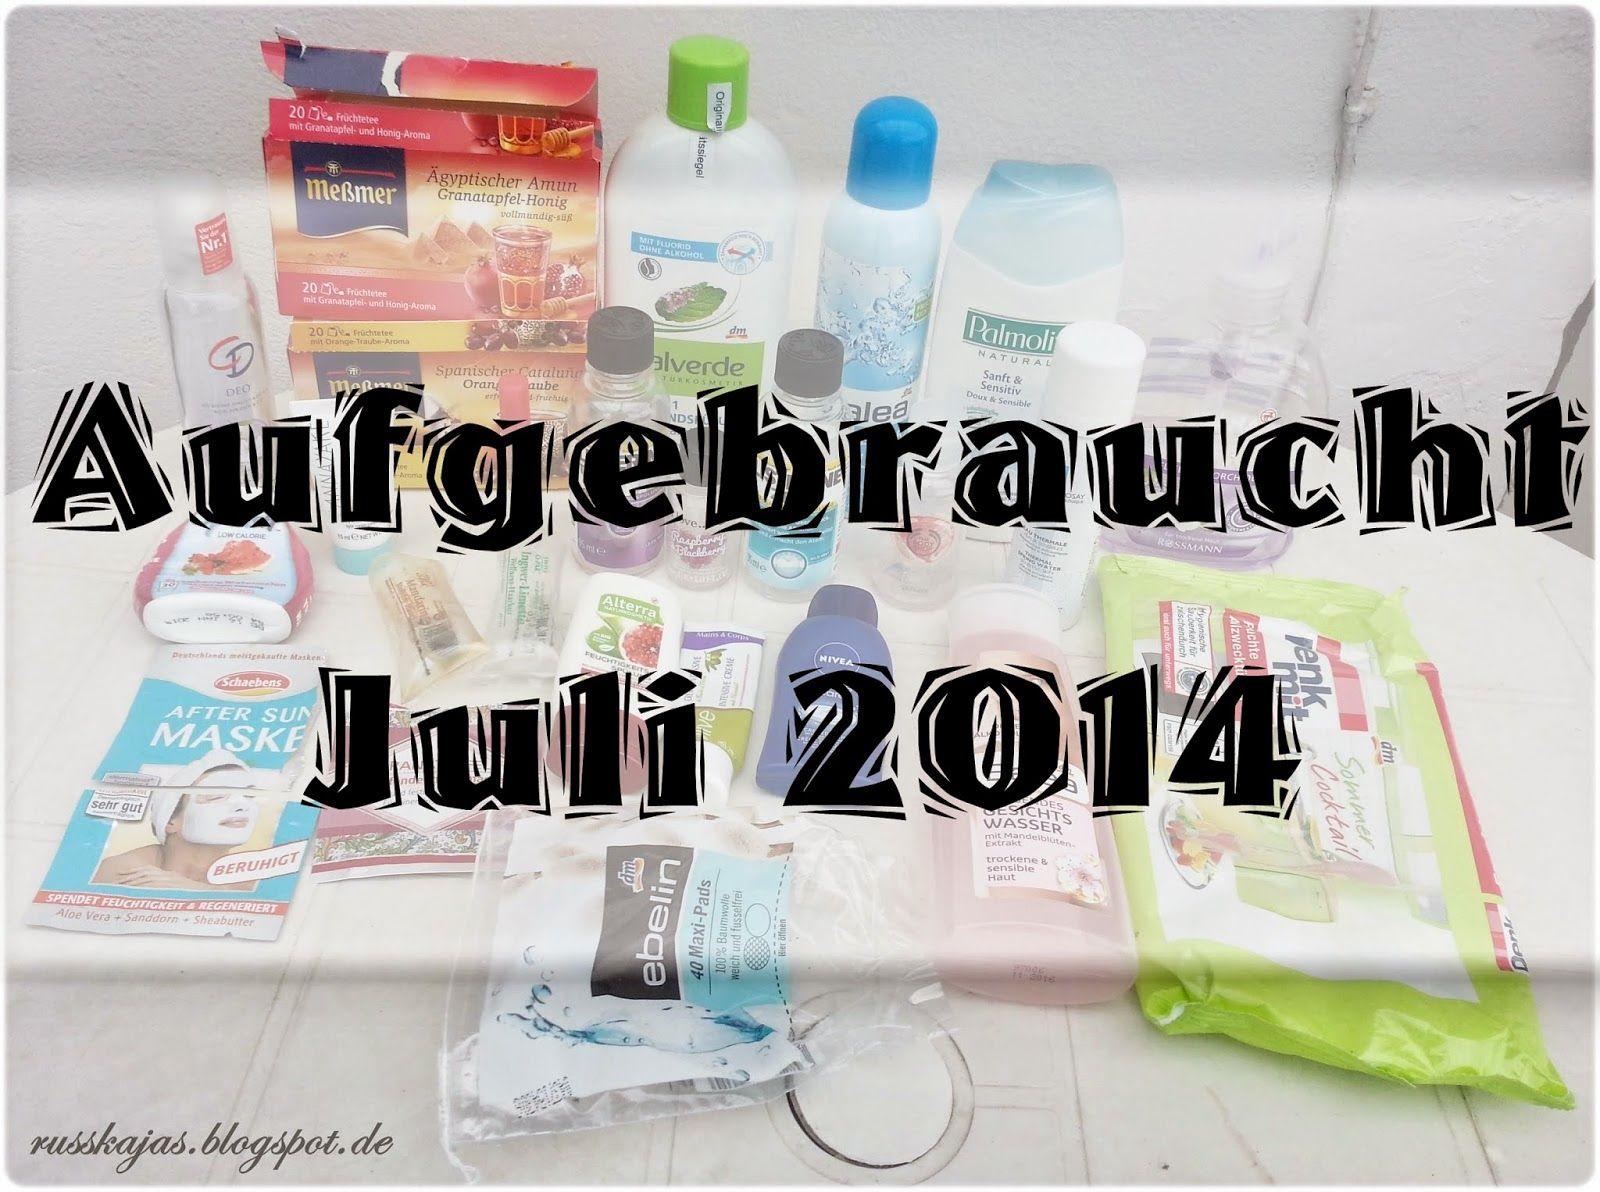 Russkajas Beautyblog: Aufgebraucht Juli 2014